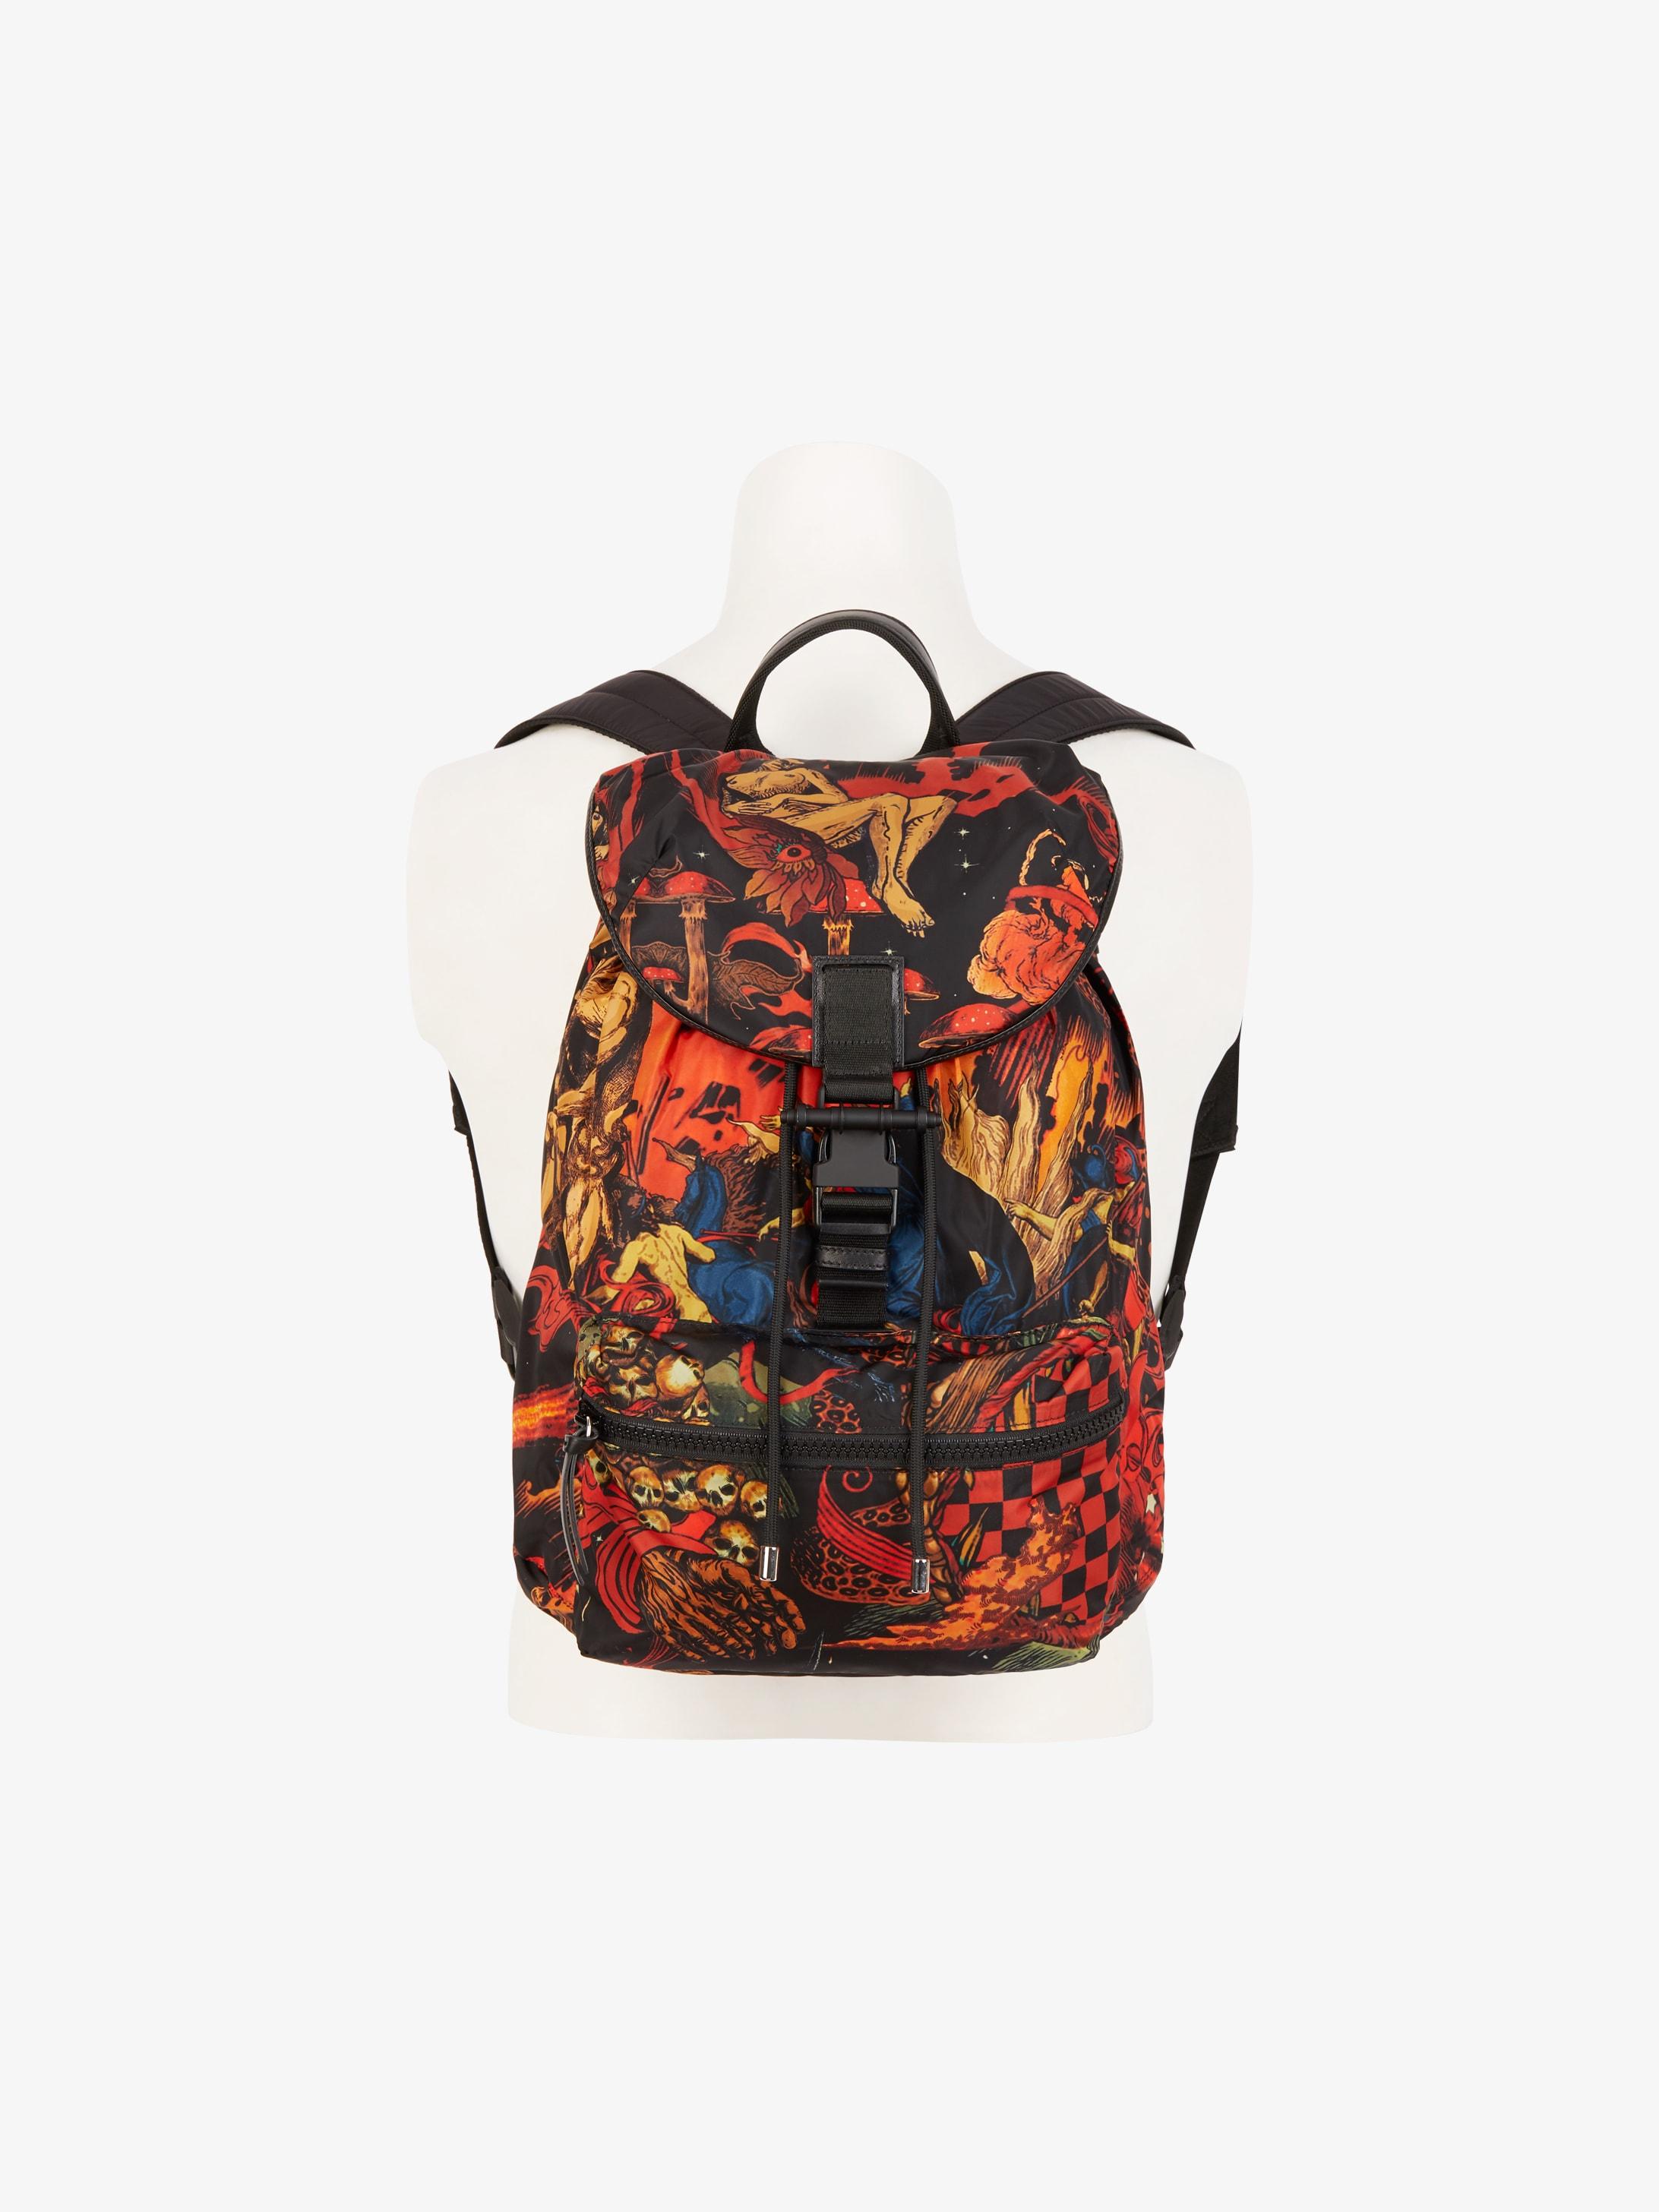 Pack-away Underworld printed backpack